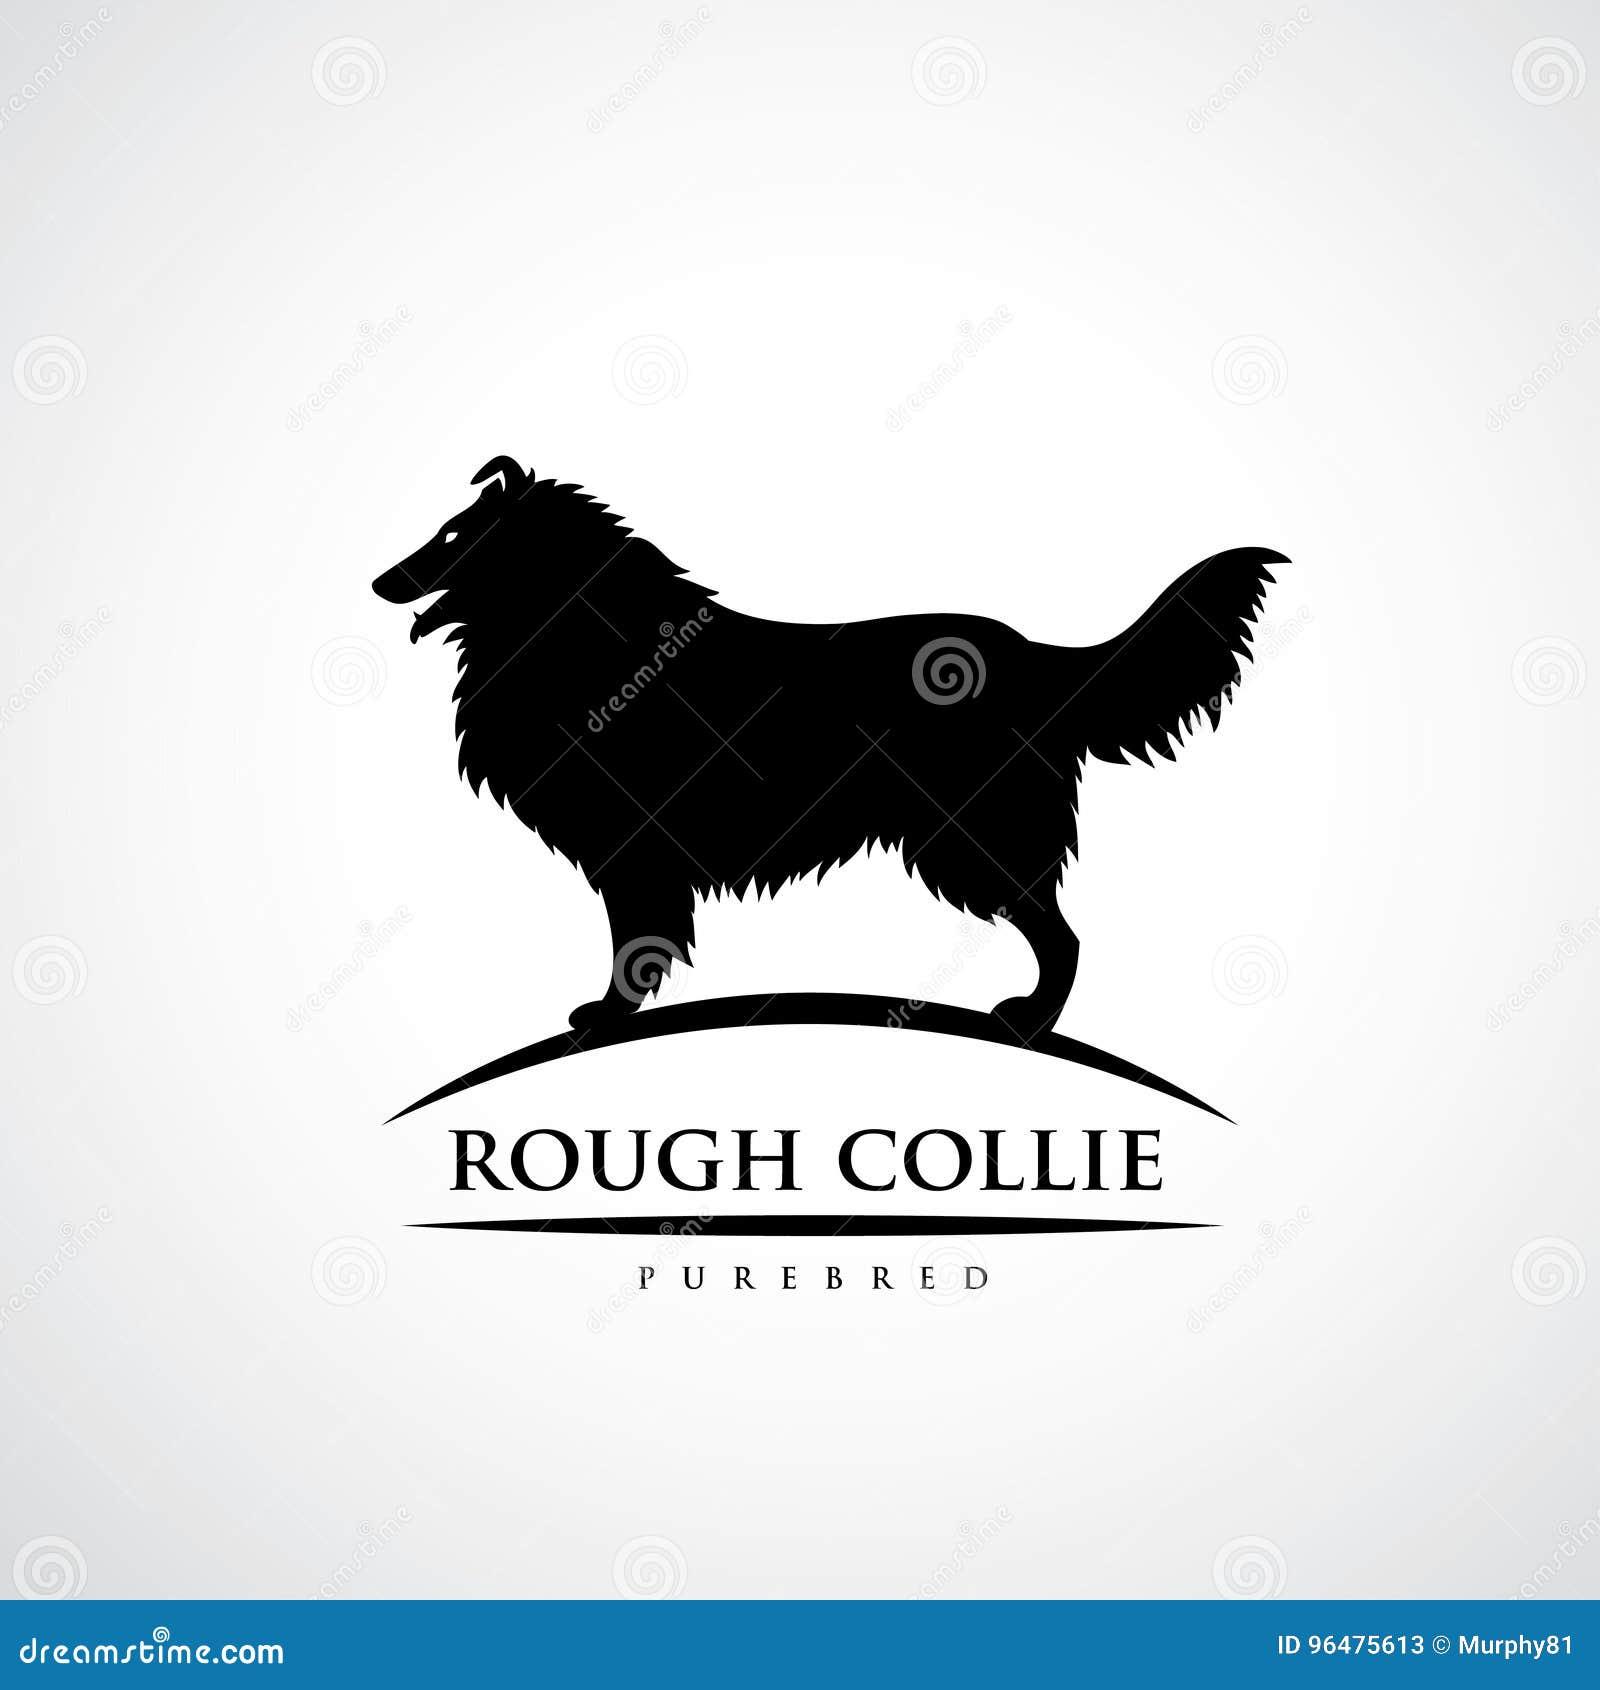 Szorstki Collie pies - wektorowa ilustracja